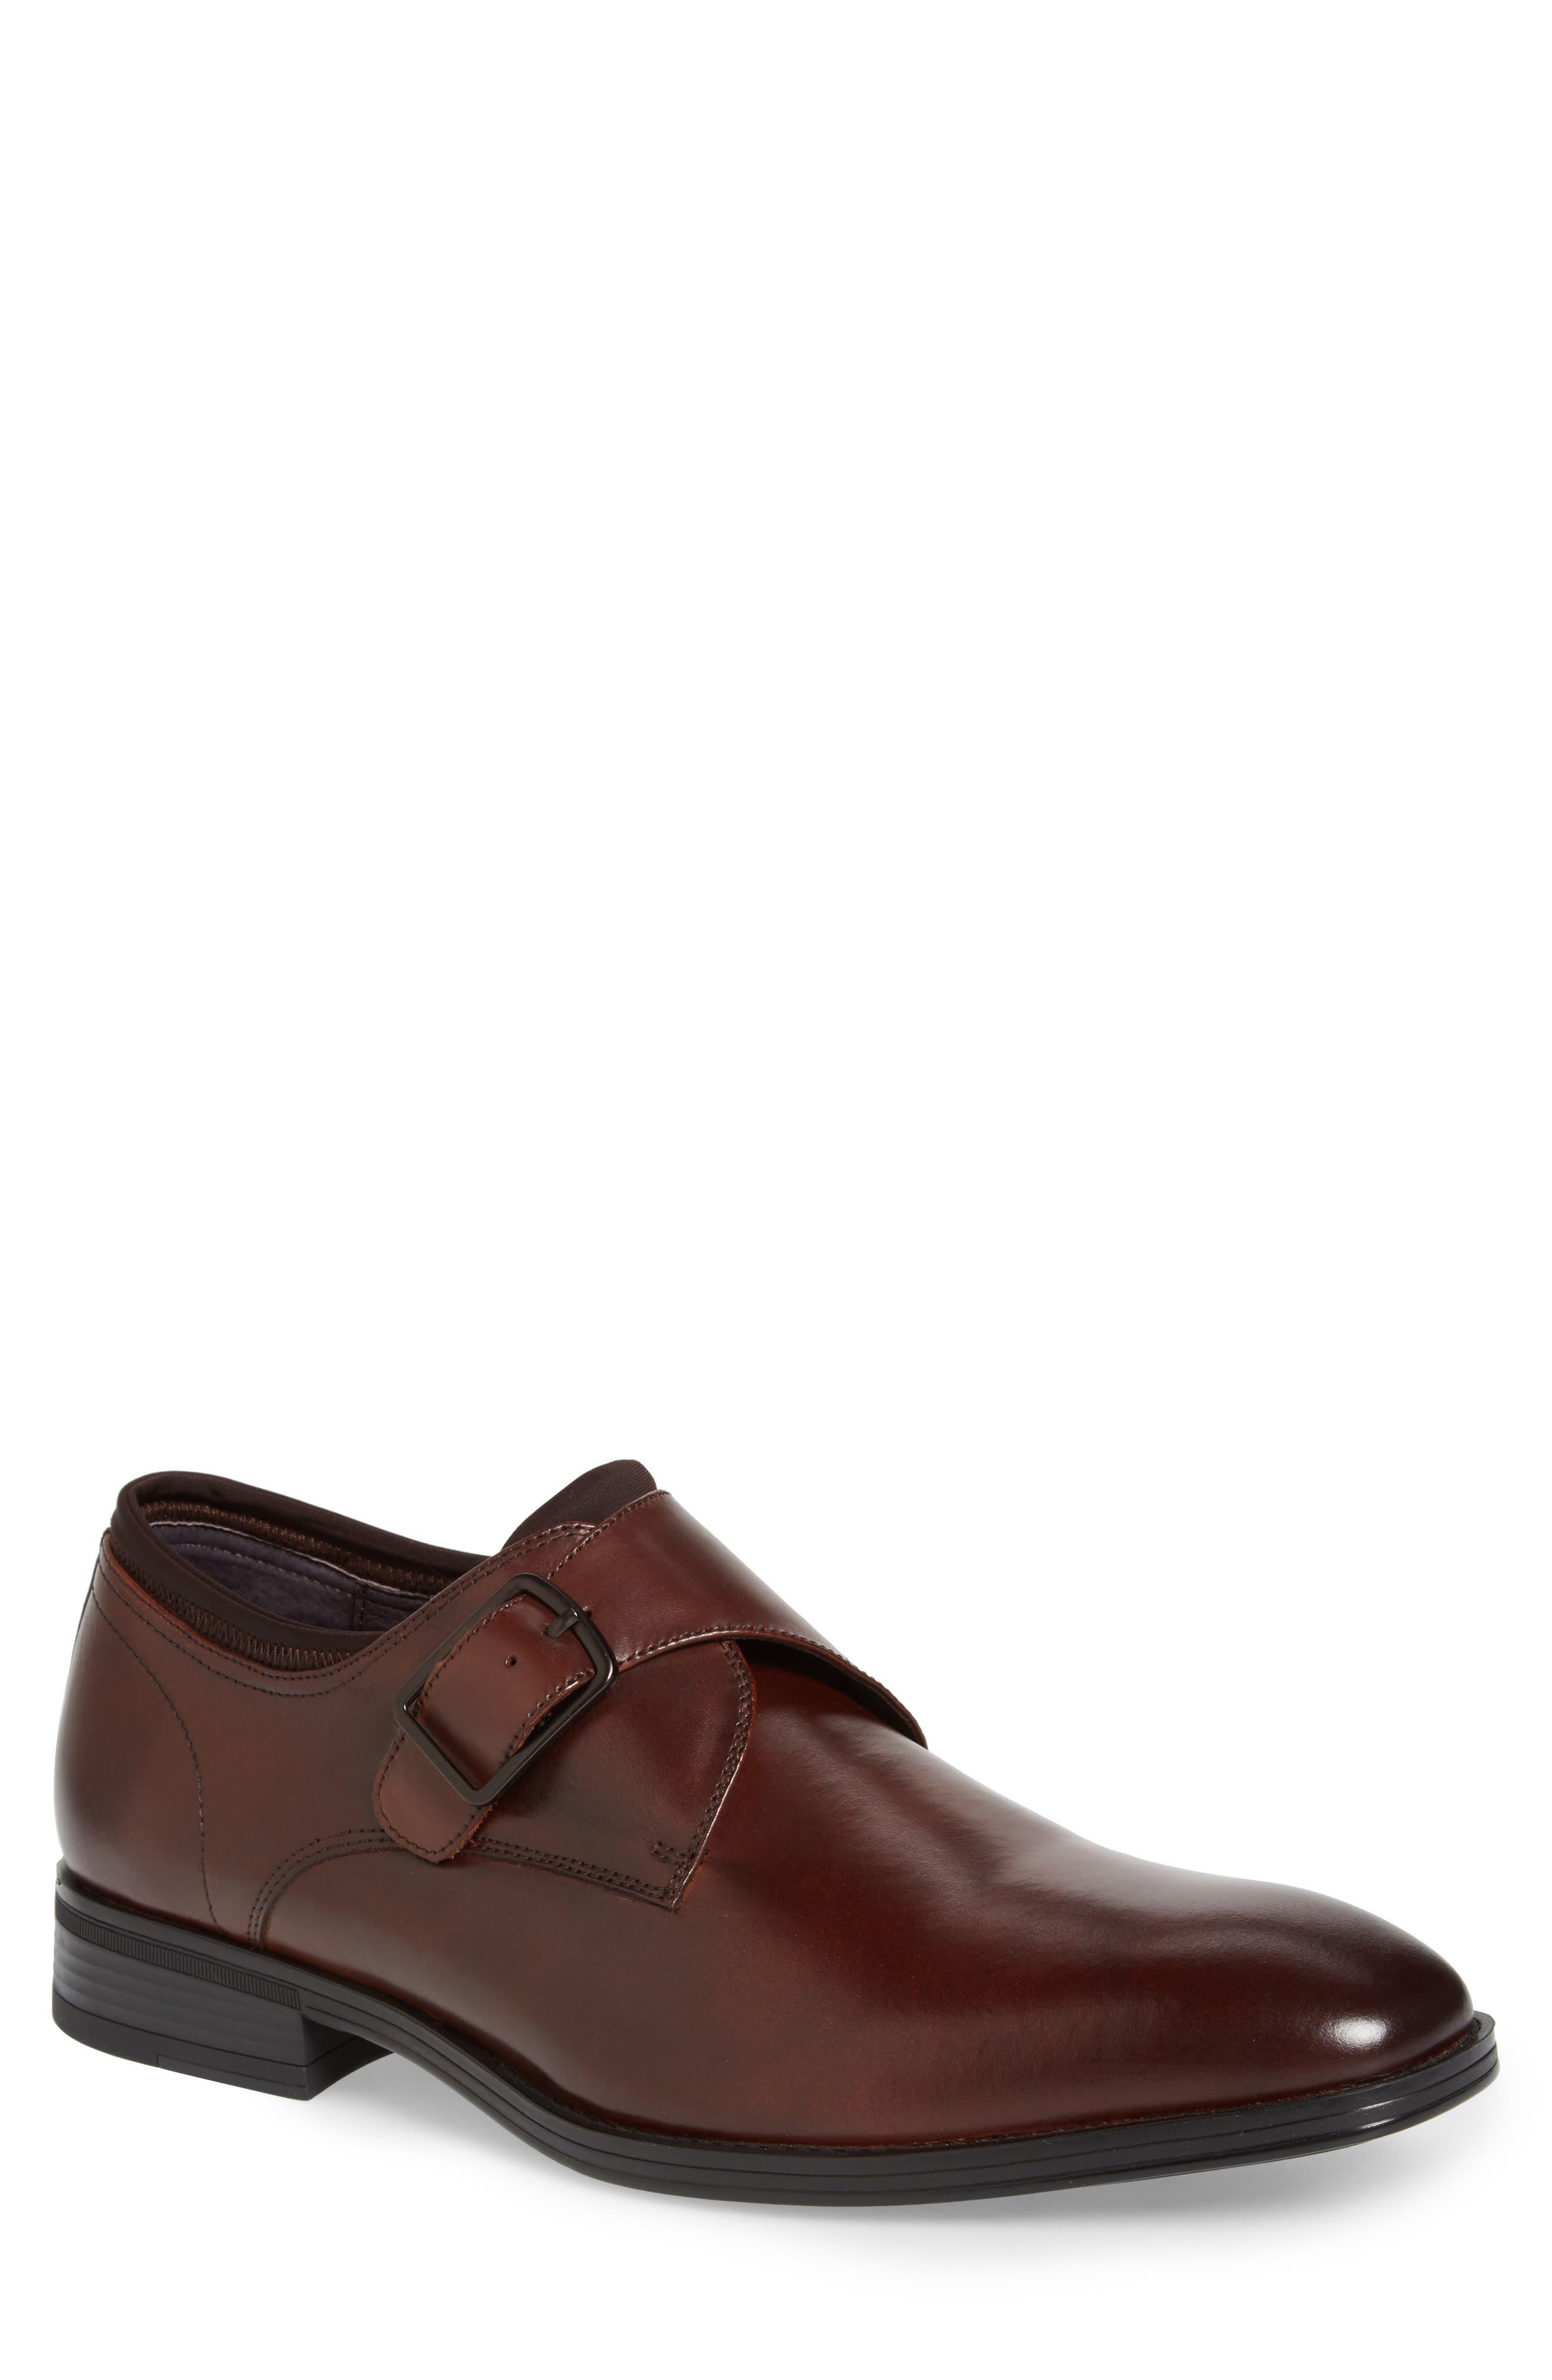 Shock Wave Monk Shoe,                         Main,                         color, 200